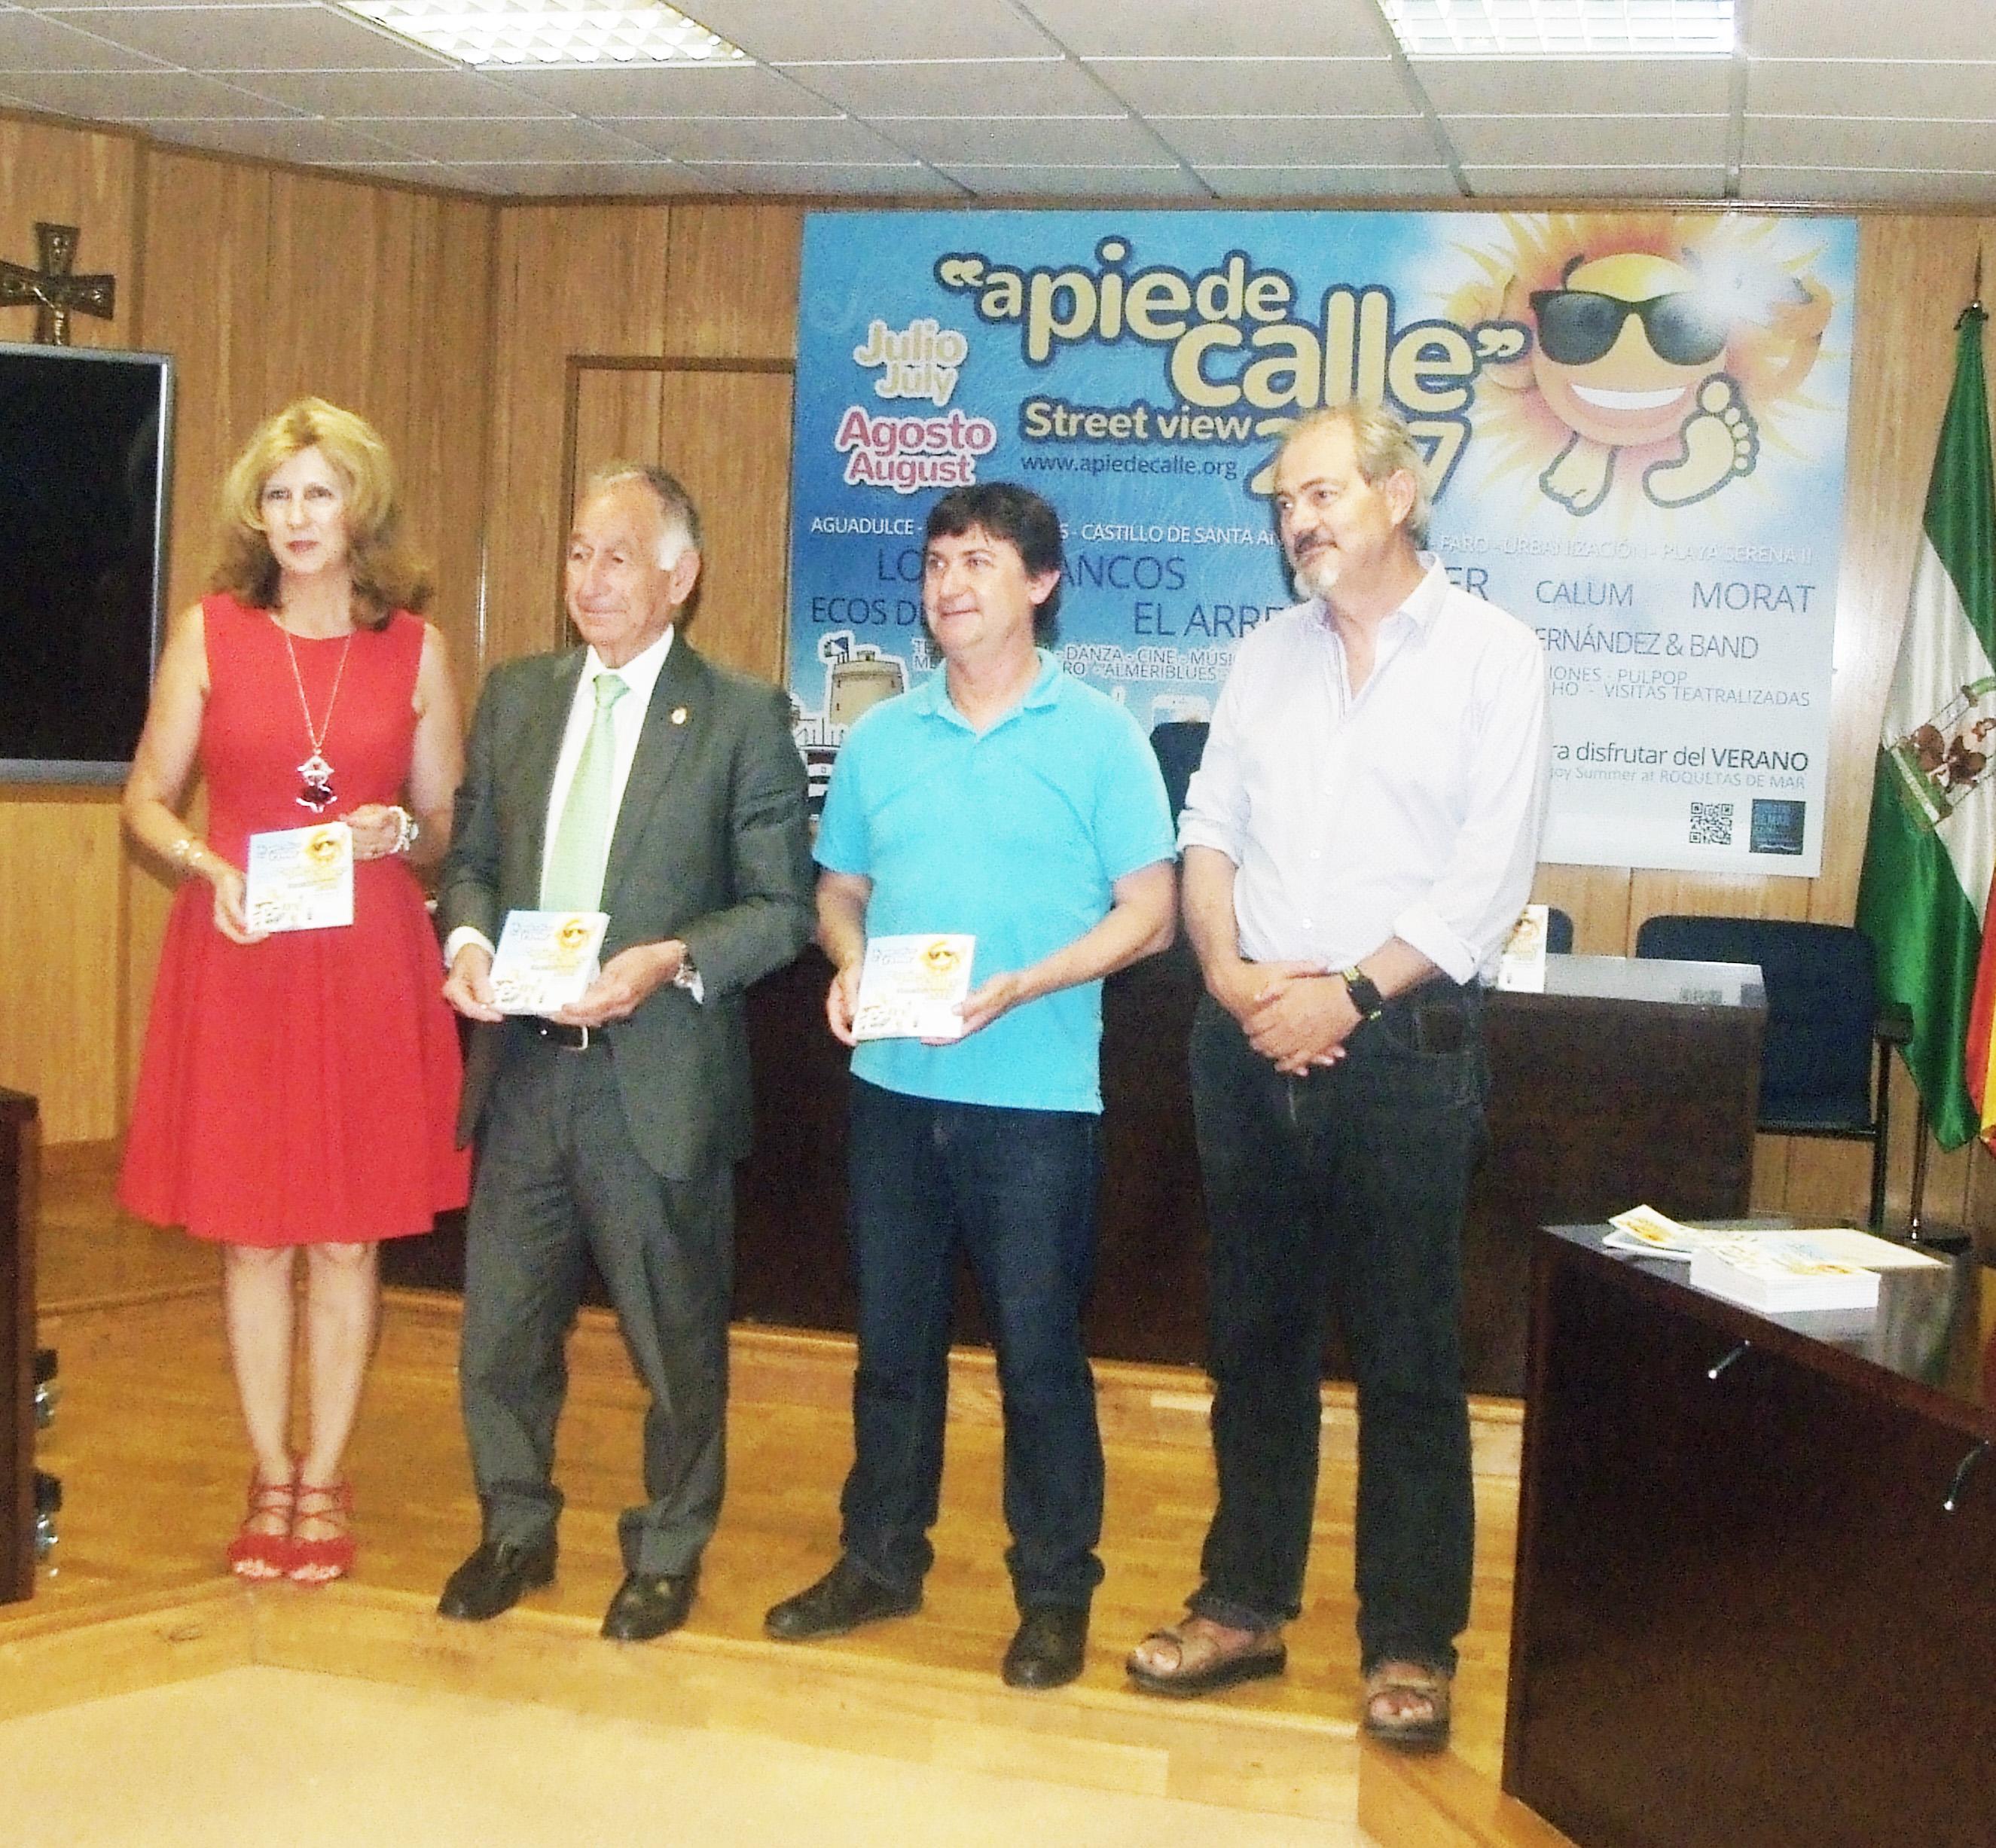 Roquetas presenta el programa 'A pie de calle' que ofrecerá unas 120 actividades durante julio y agosto